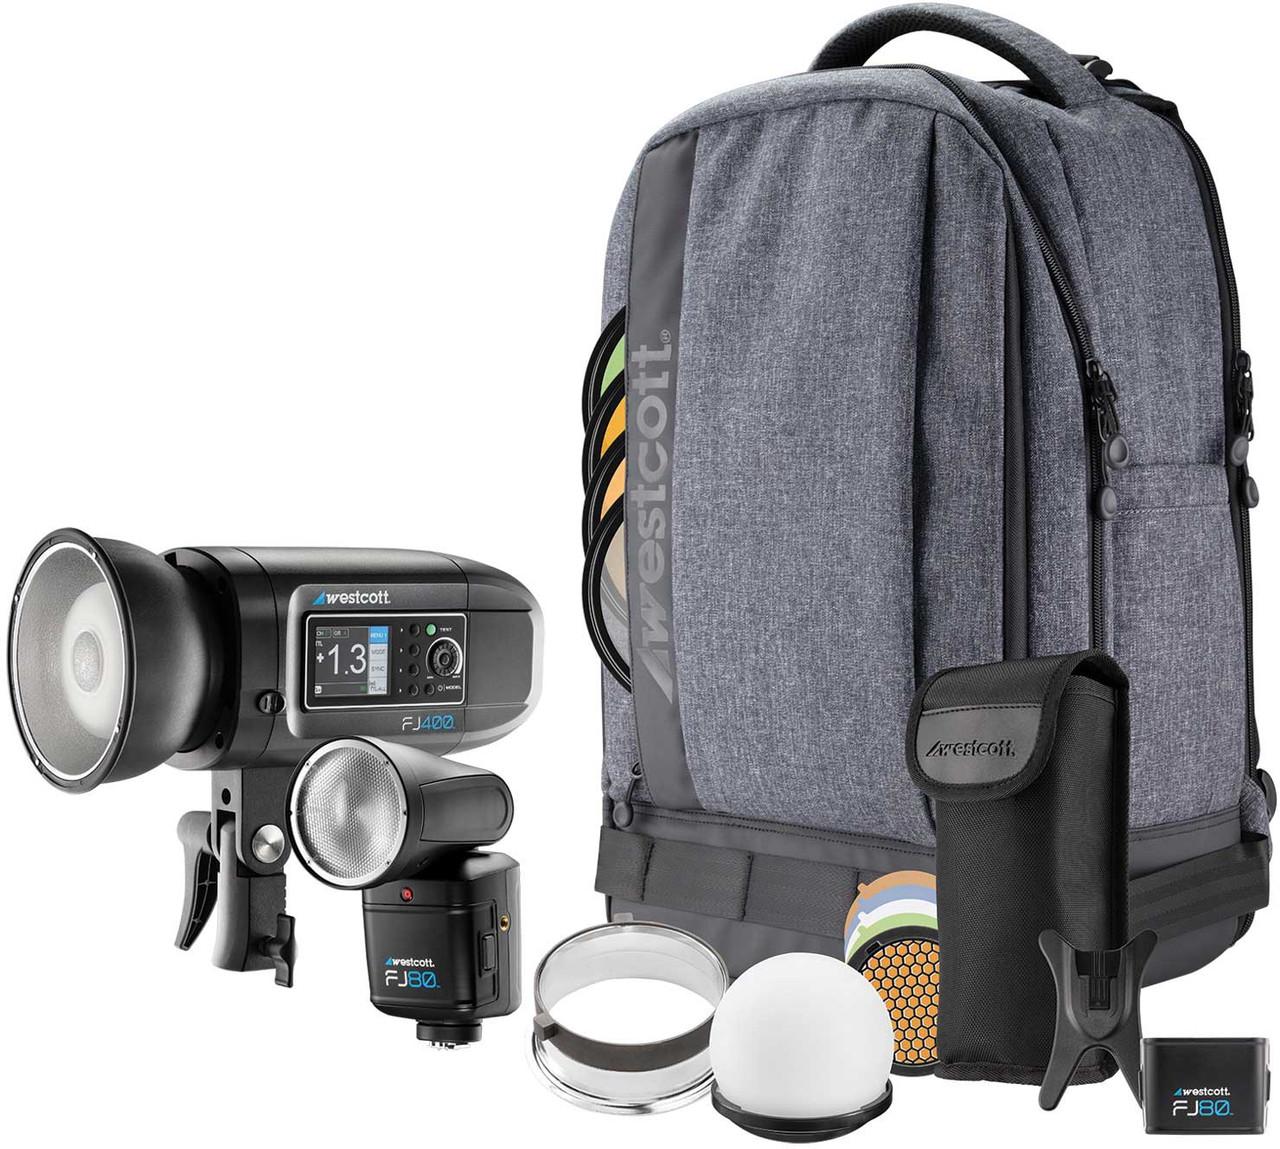 Westcott FJ80 and FJ400 Strobe 2-Light Portable Portrait Kit